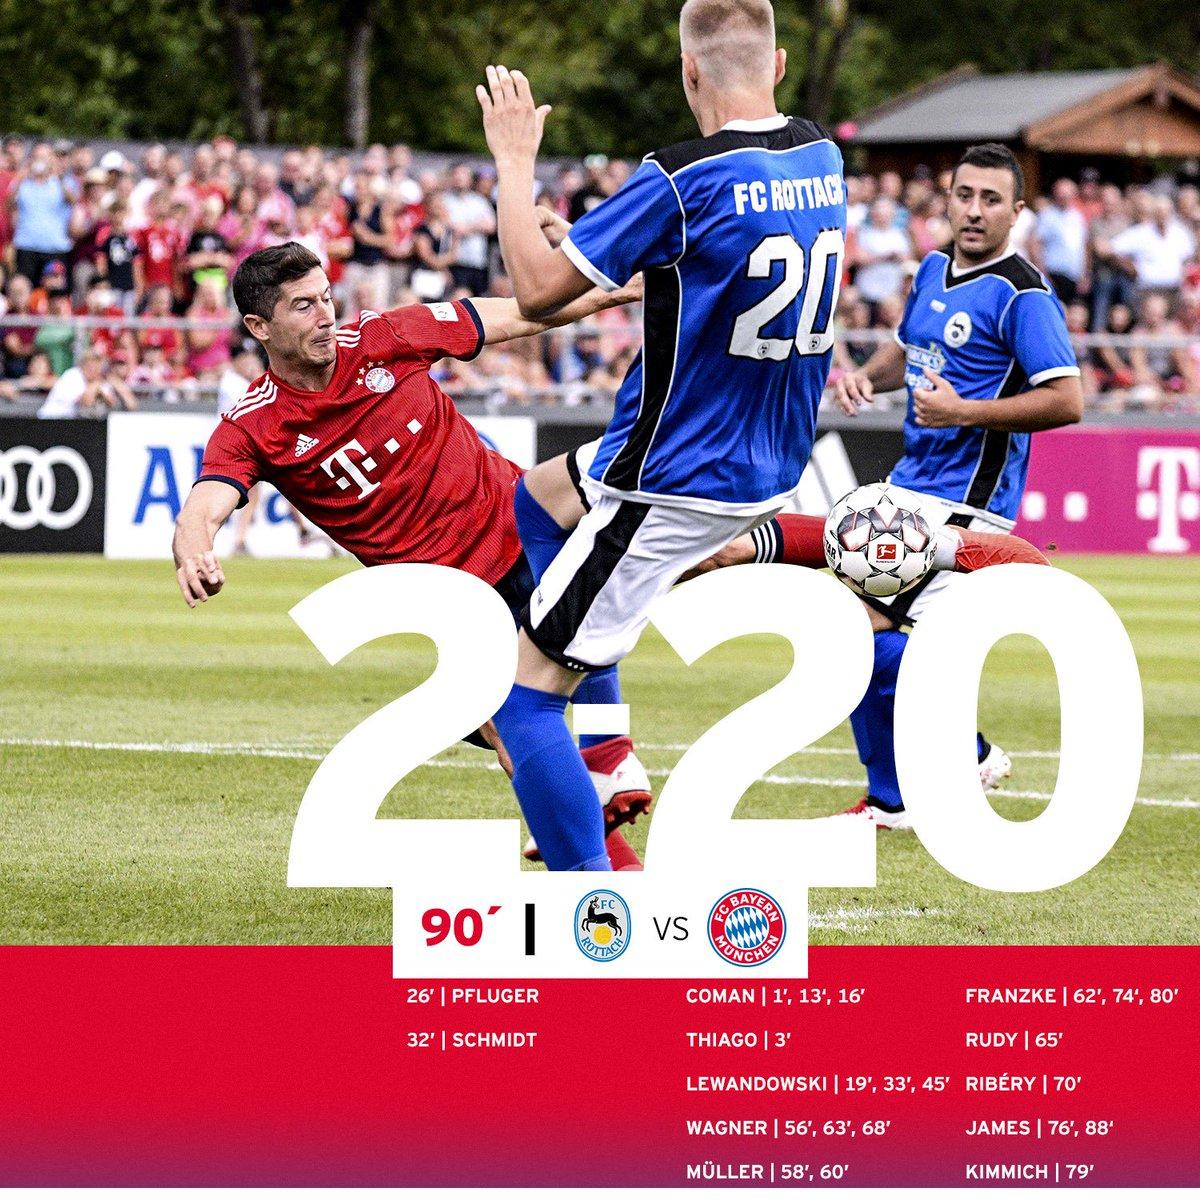 คลิปไฮไลท์ฟุตบอลกระชับมิตรปรีซีซั่น โรตทาค 2-20 บาเยิร์น มิวนิค Rottach 2-20 Bayern Munich